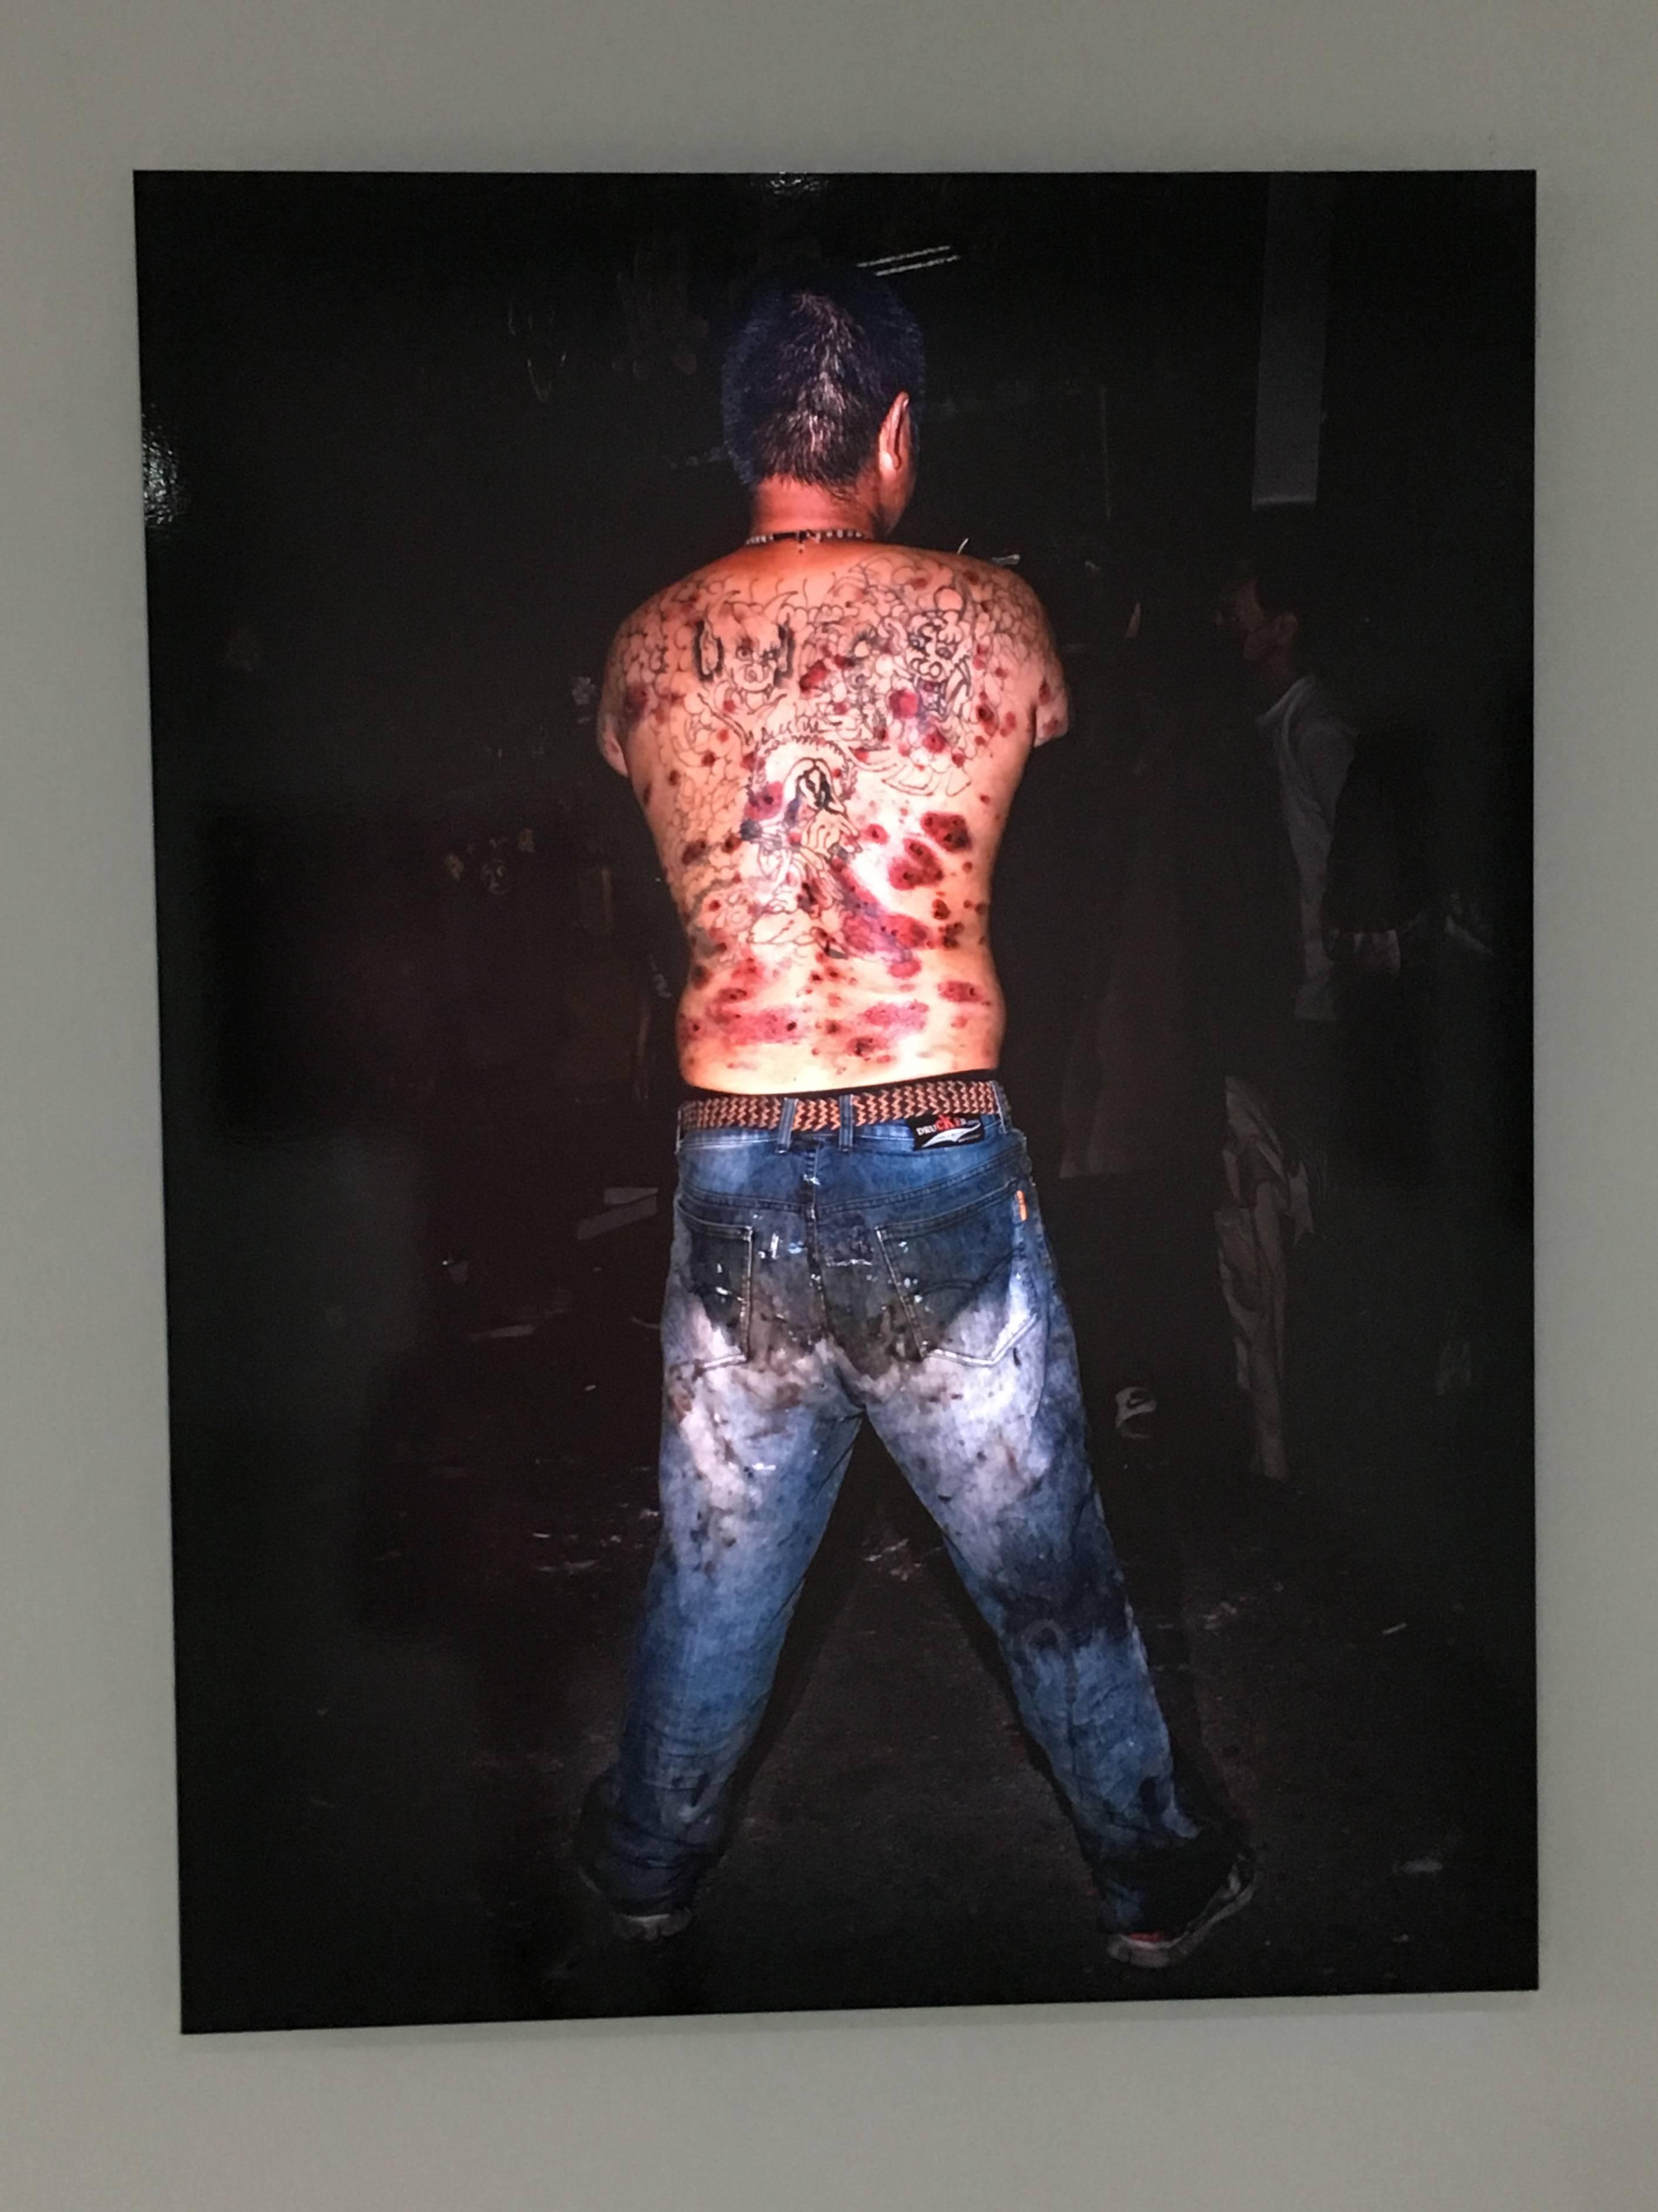 陳伯義,《食砲人 - XVIII》,75 x 100 cm,雷射輸出彩色銀鹽相紙,1/8,2019。